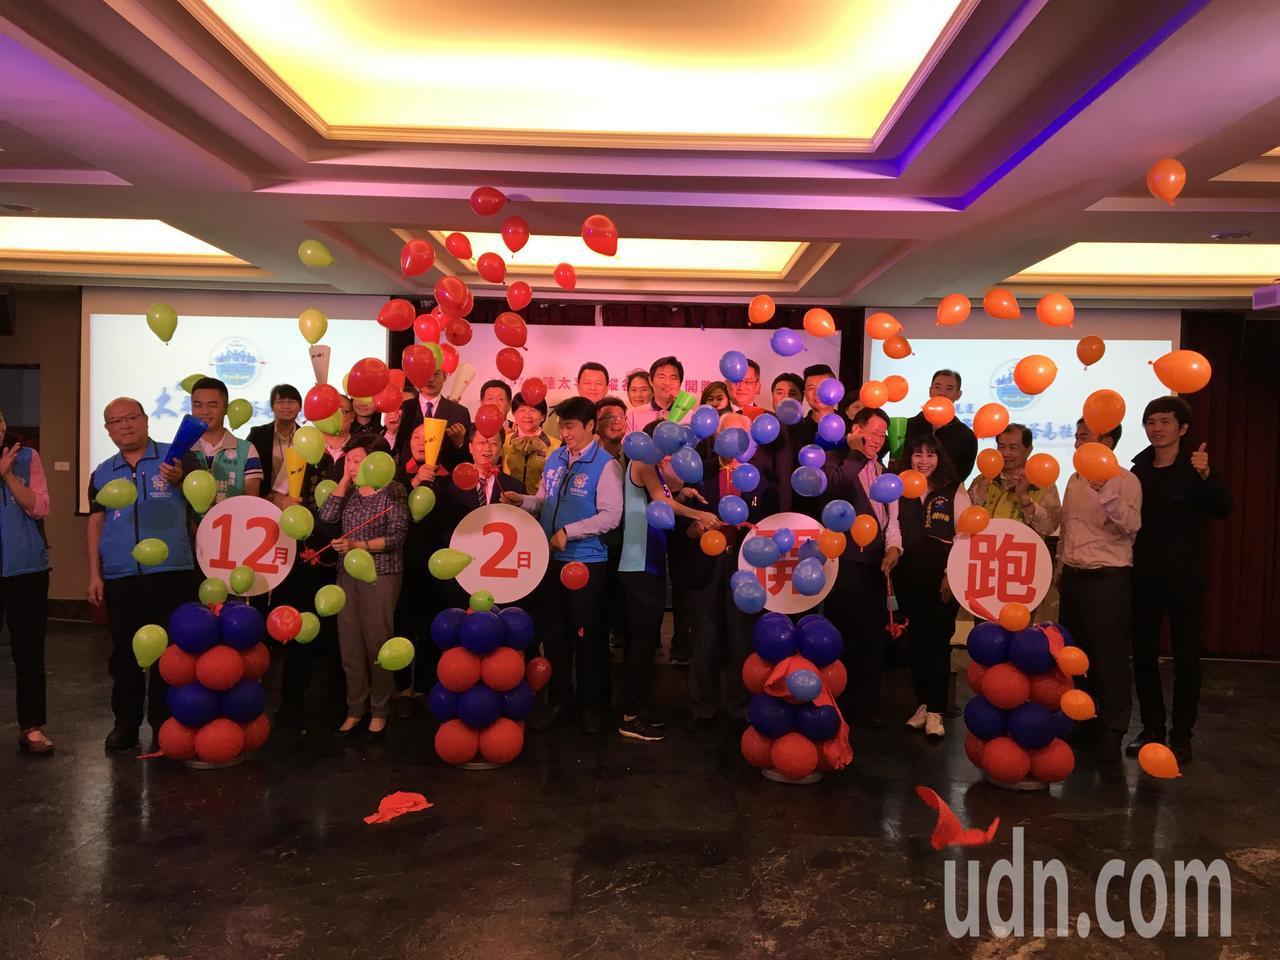 花蓮市公所日前舉辦開跑記者會。記者徐庭揚/攝影